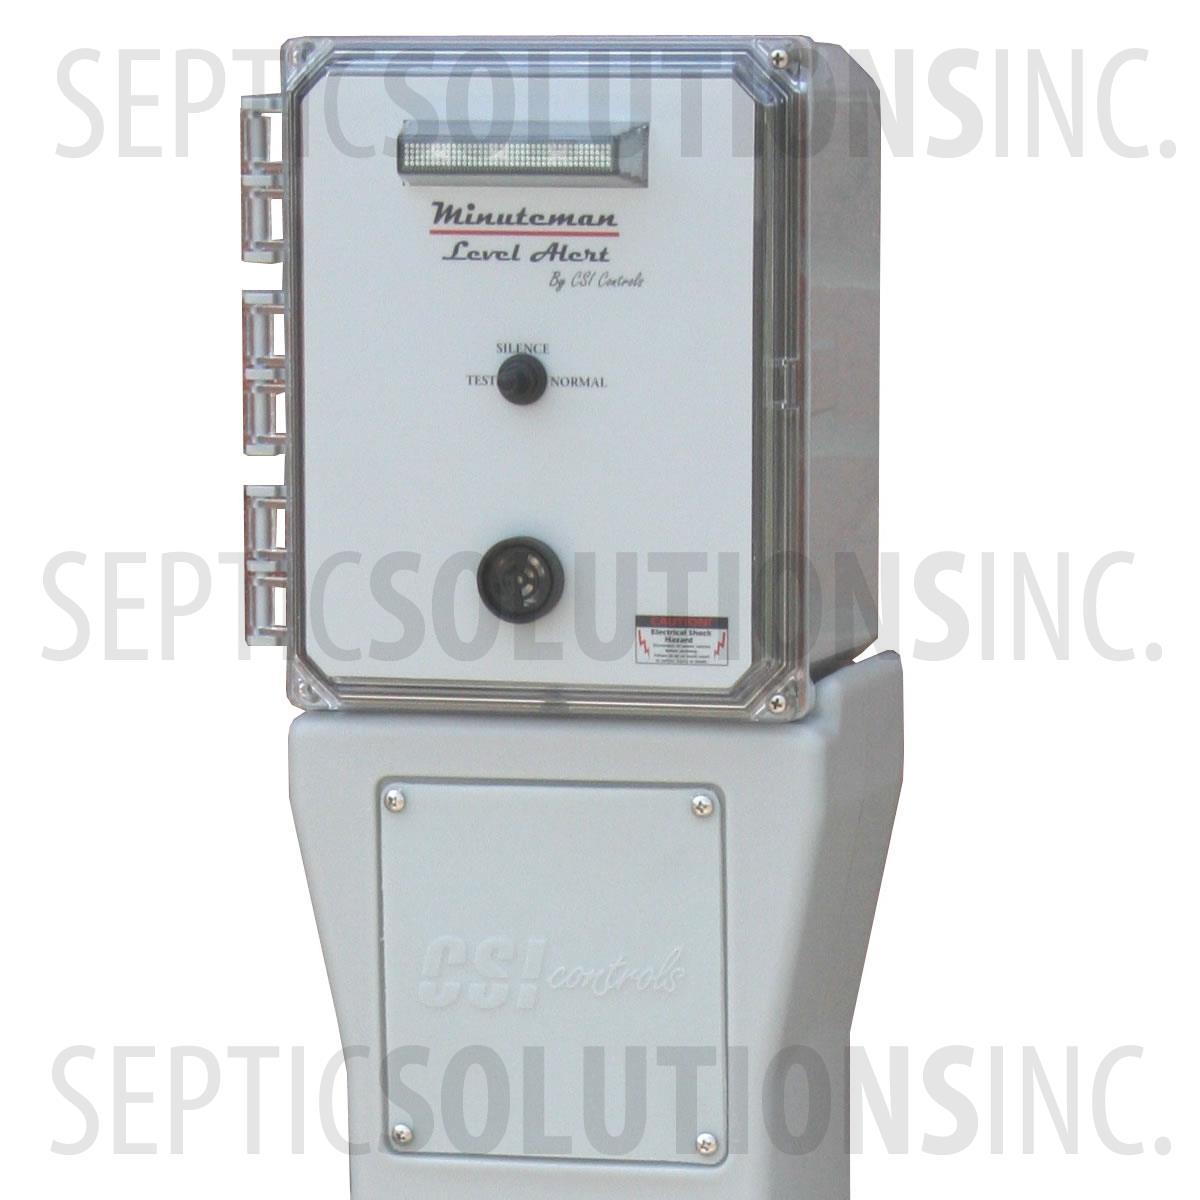 minuteman pedestal high water alarm - minuteman